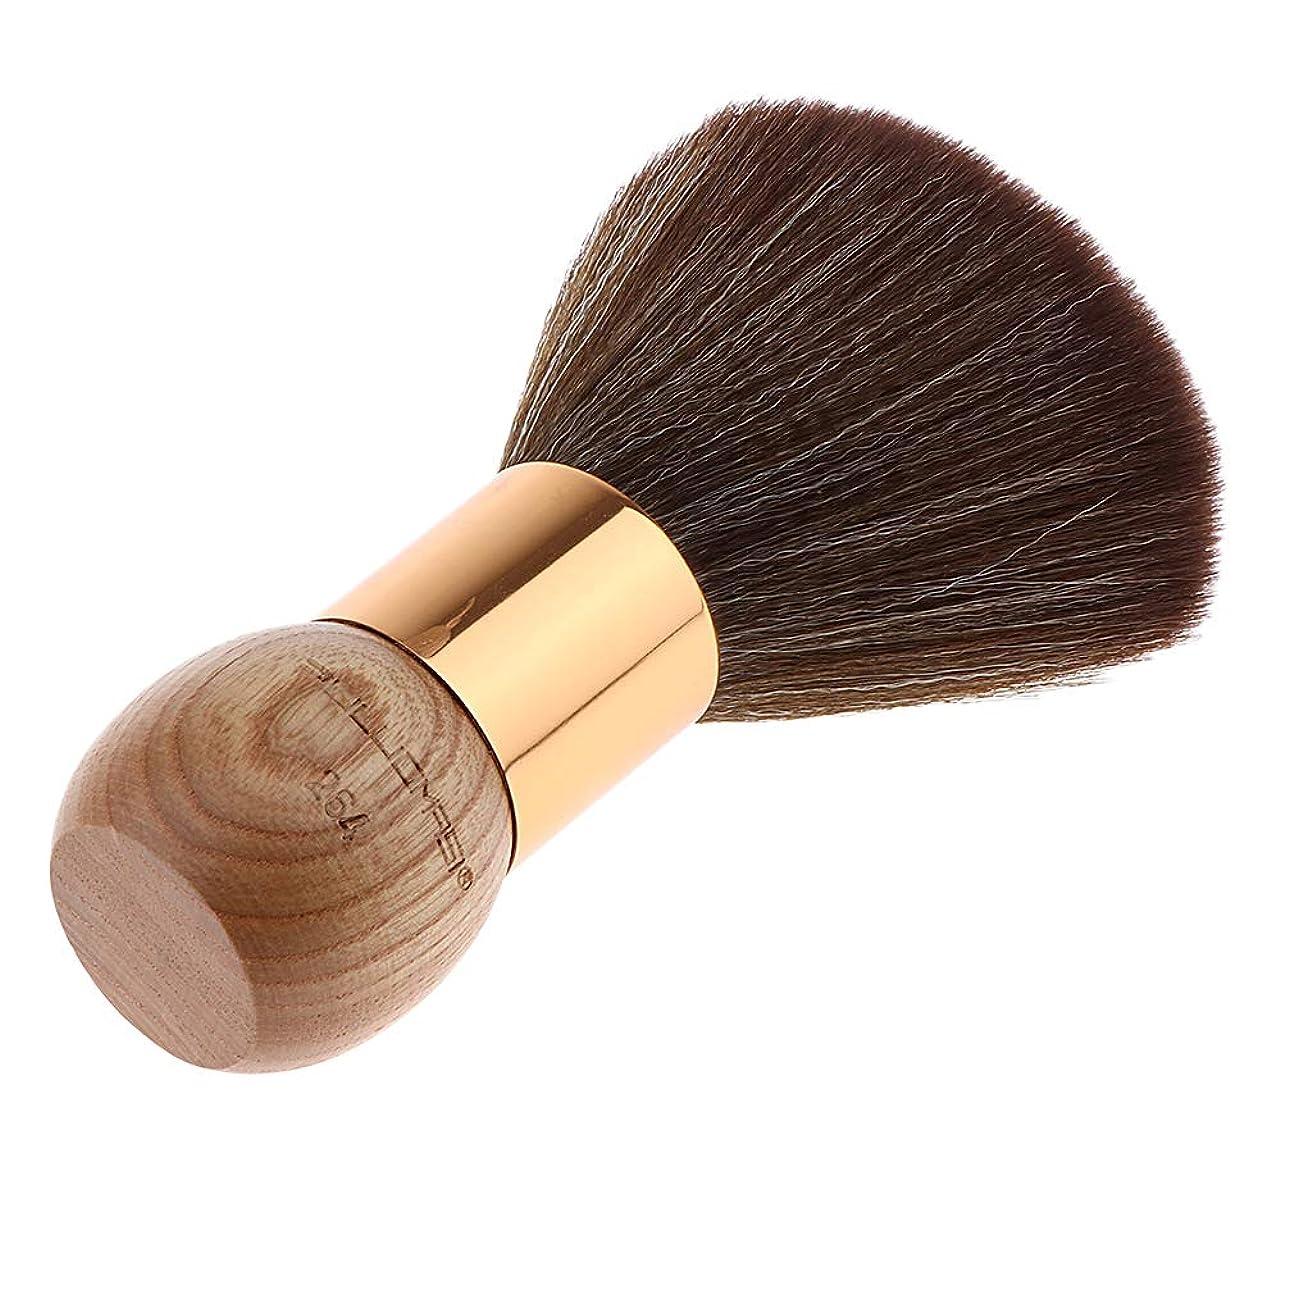 変色する小学生ピンポイントSharplace メンズ用 髭剃り ブラシ シェービングブラシ 木製ハンドル 男性 ギフト理容 洗顔 髭剃り